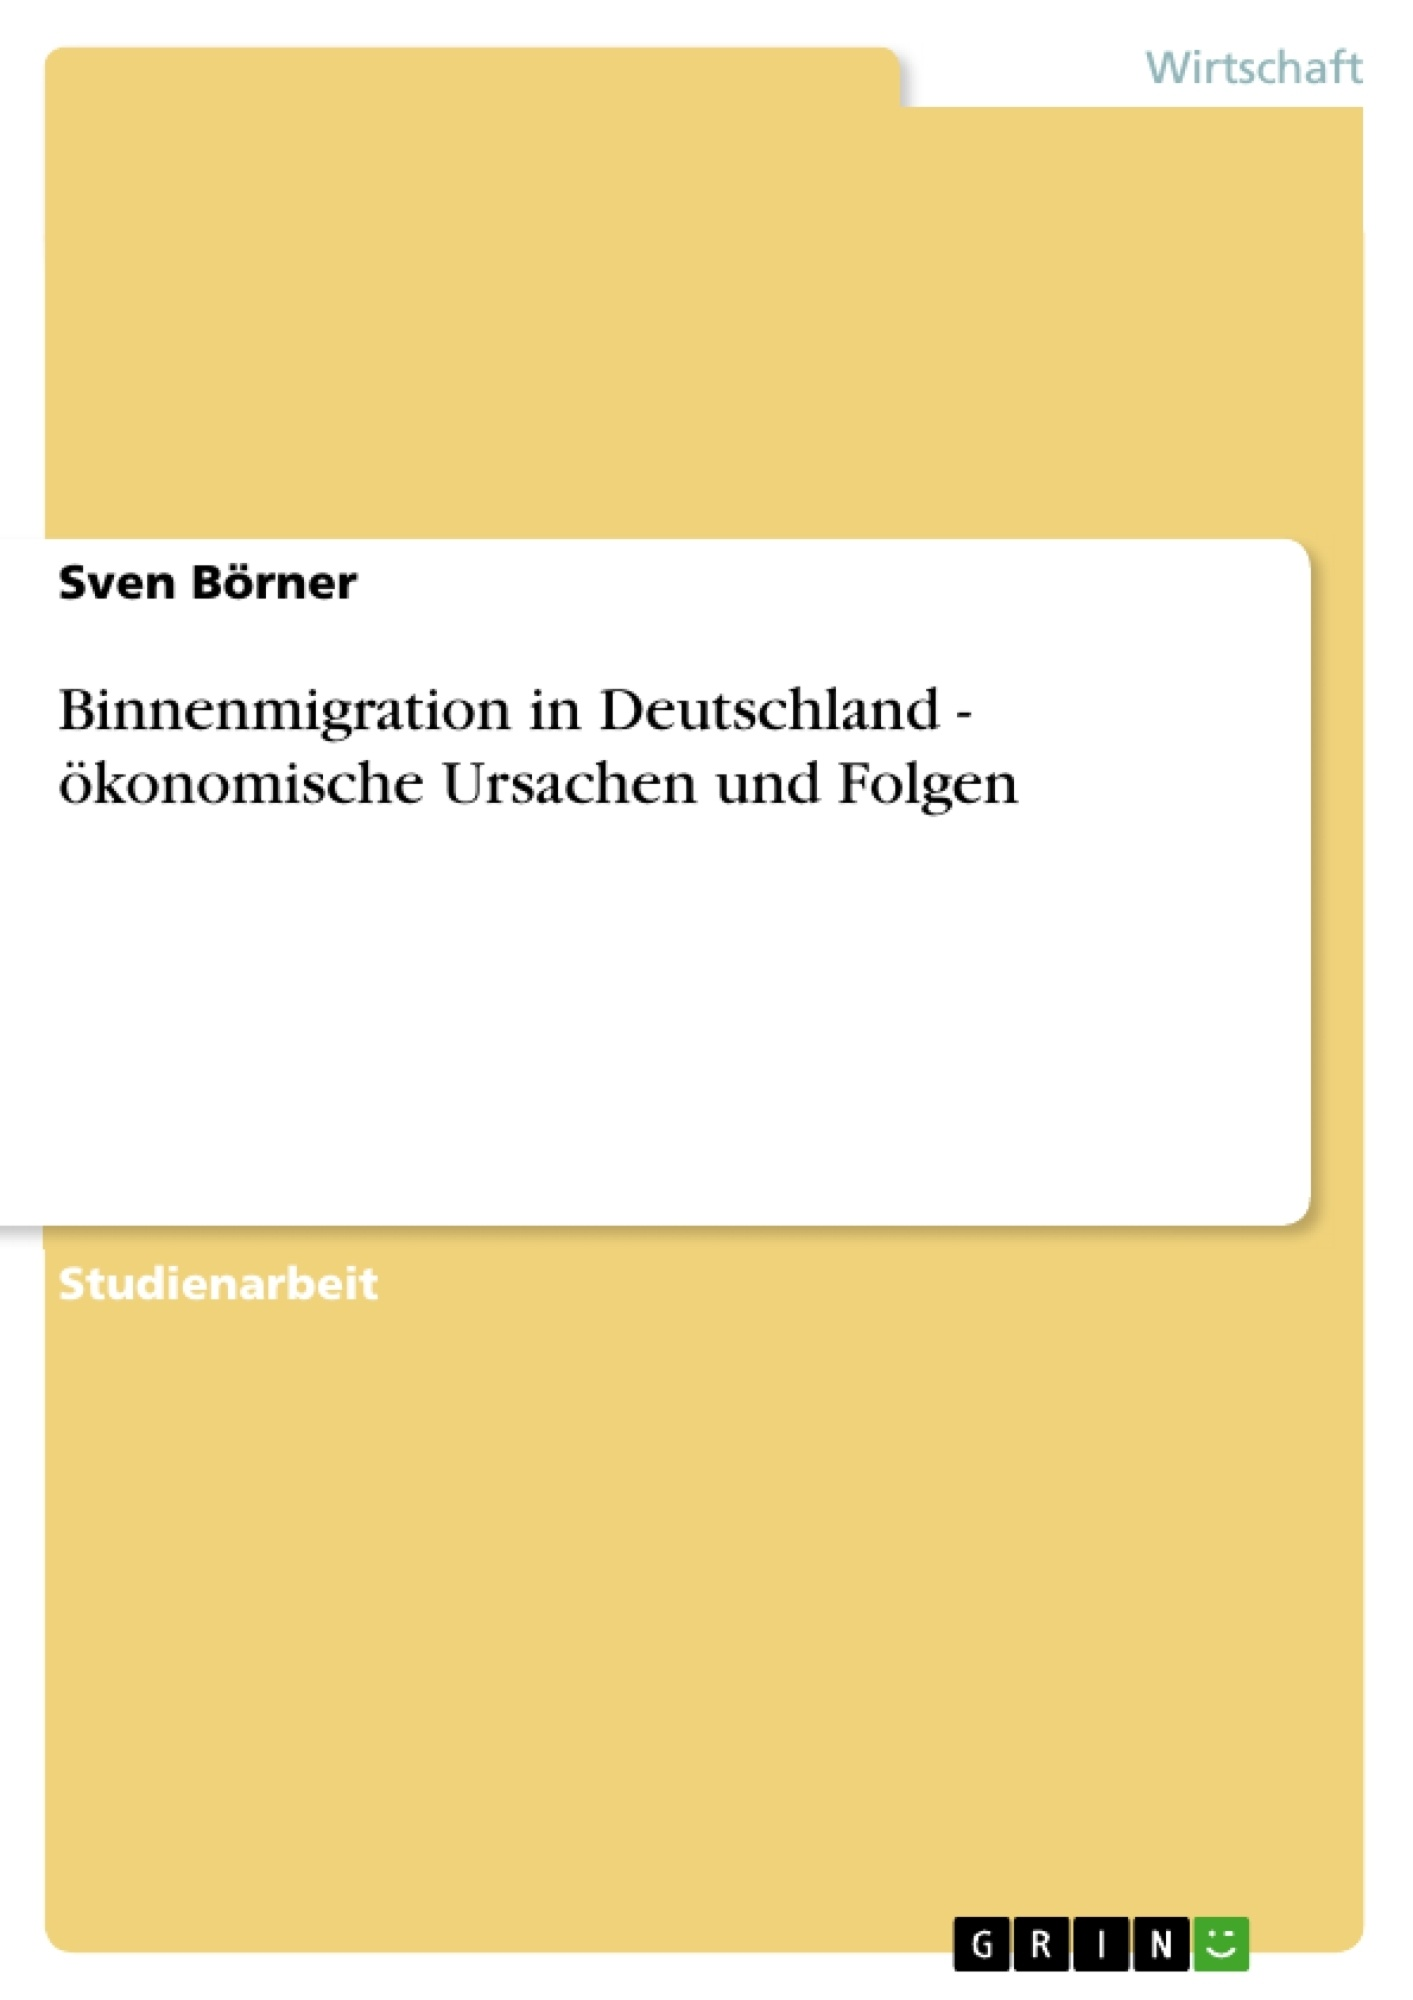 Titel: Binnenmigration in Deutschland - ökonomische Ursachen und Folgen